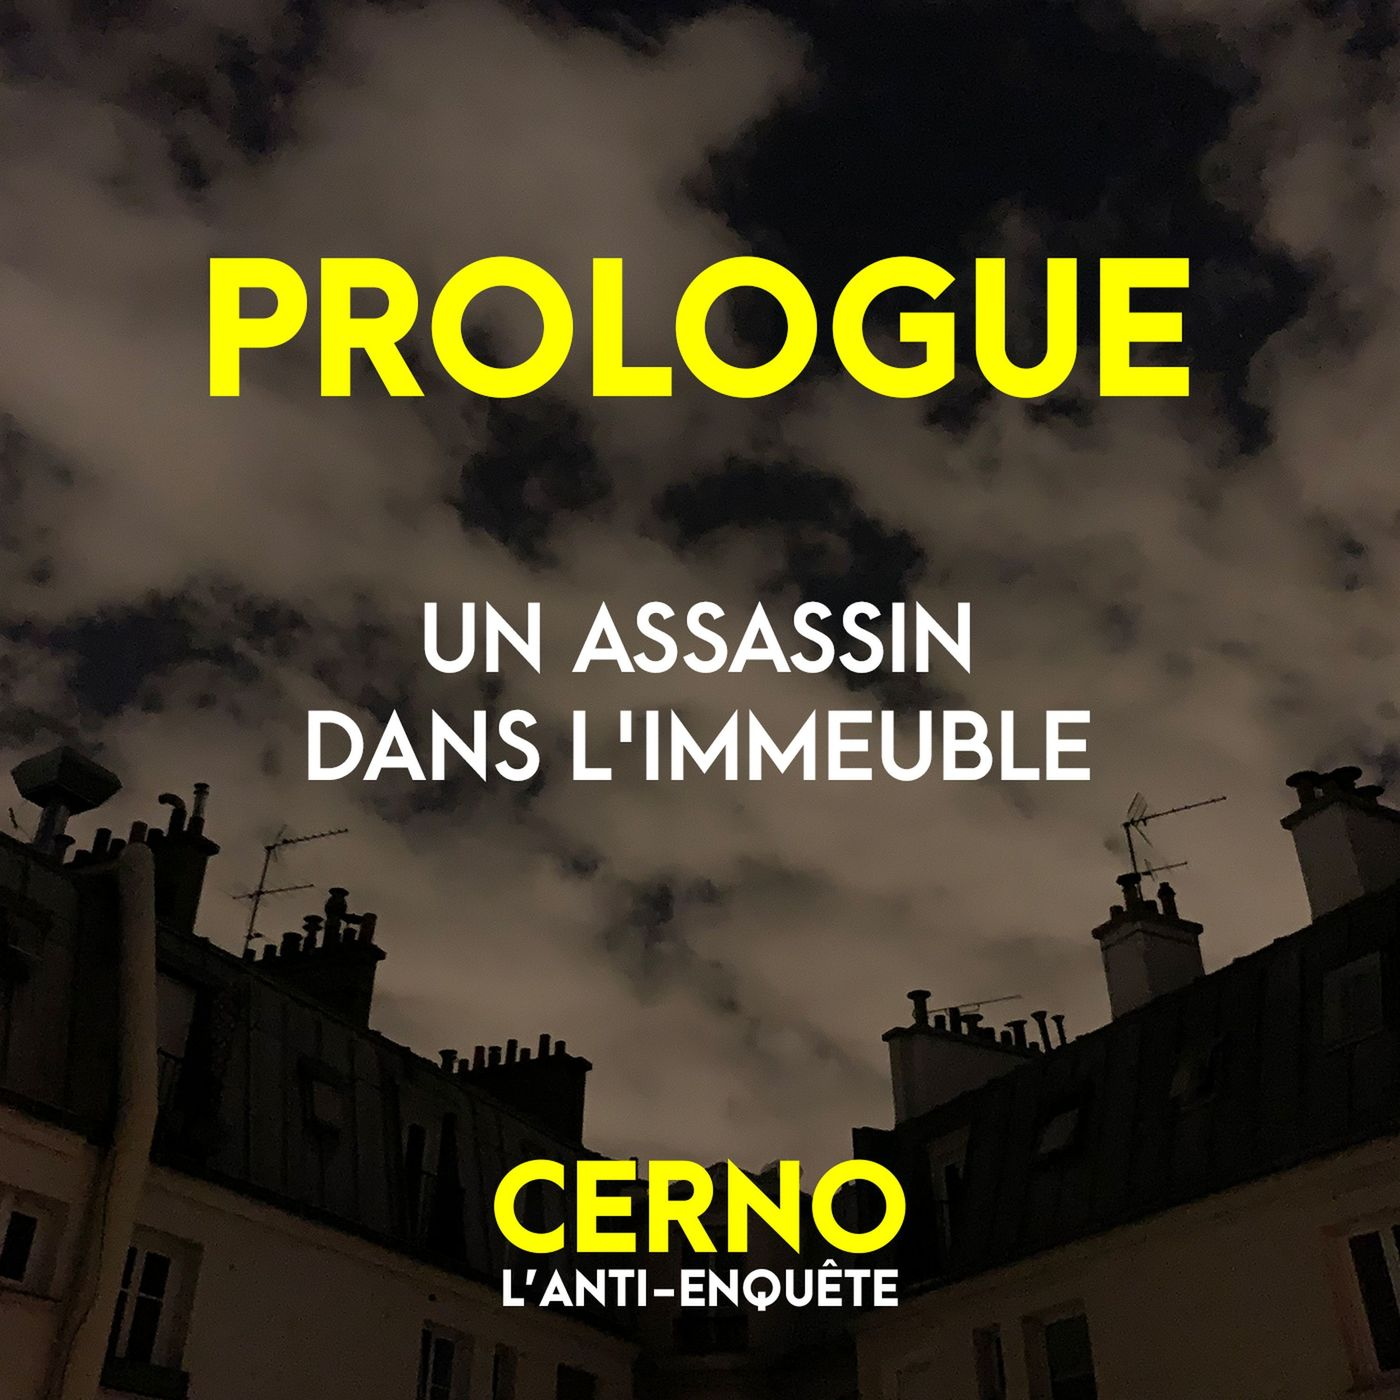 Prologue : Un assassin dans l'immeuble